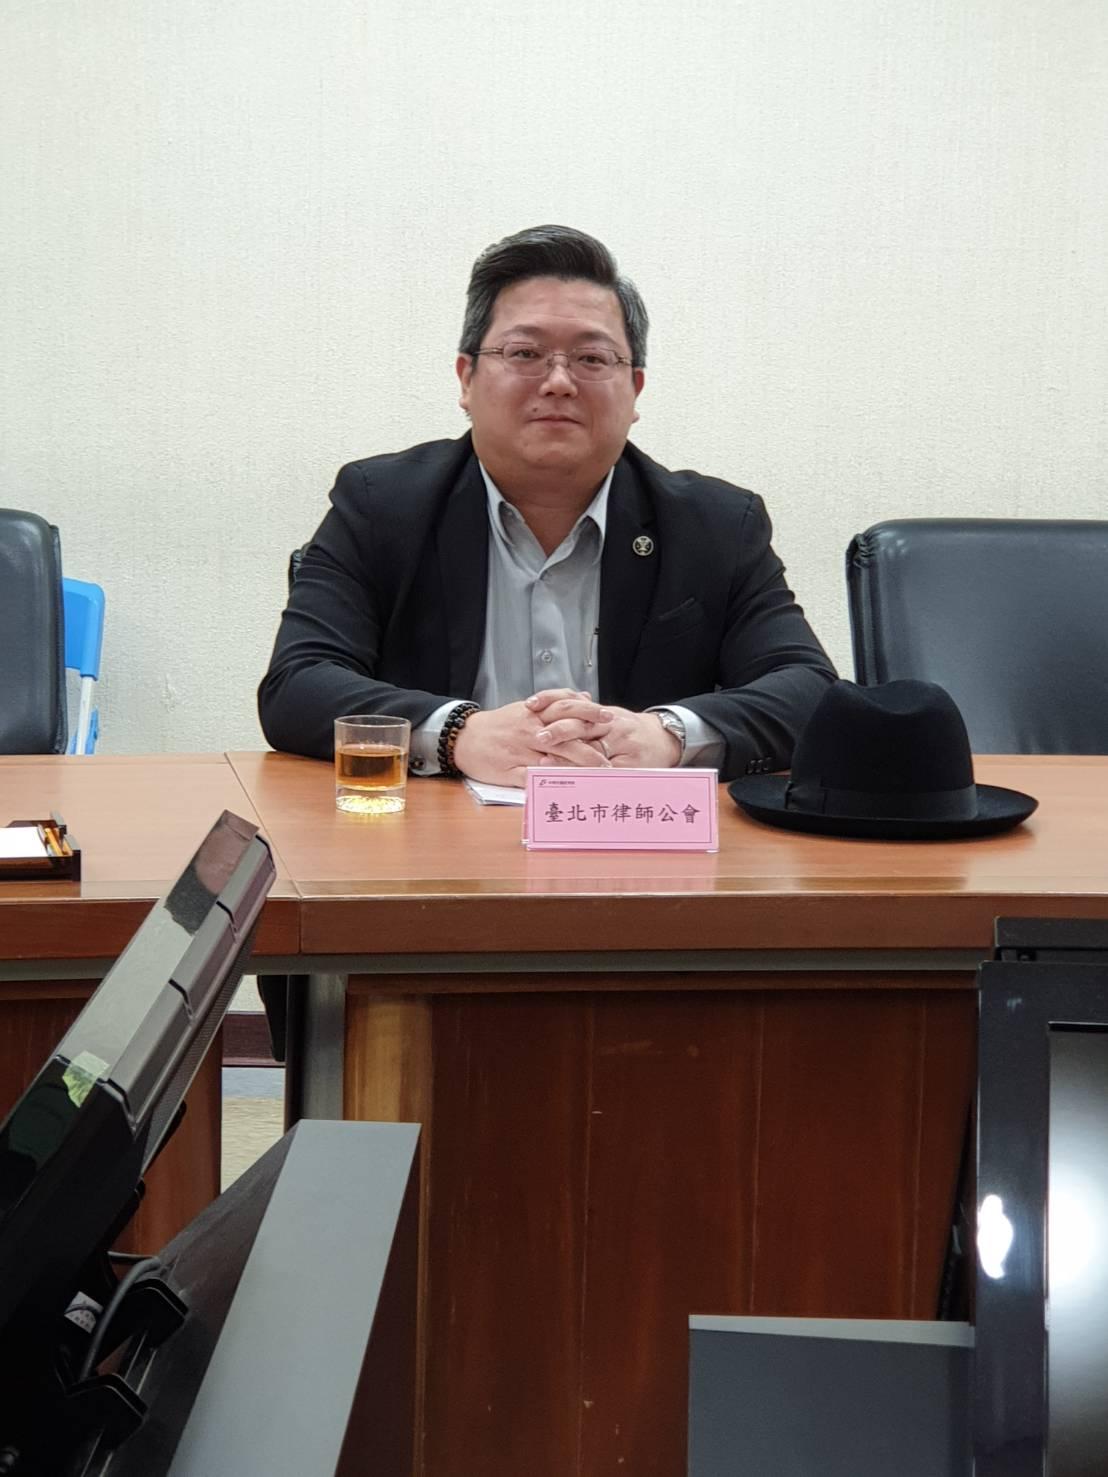 本所陳怡伸律師代表台北律師公會出席經濟部「公司法」相關法令修法研商會議